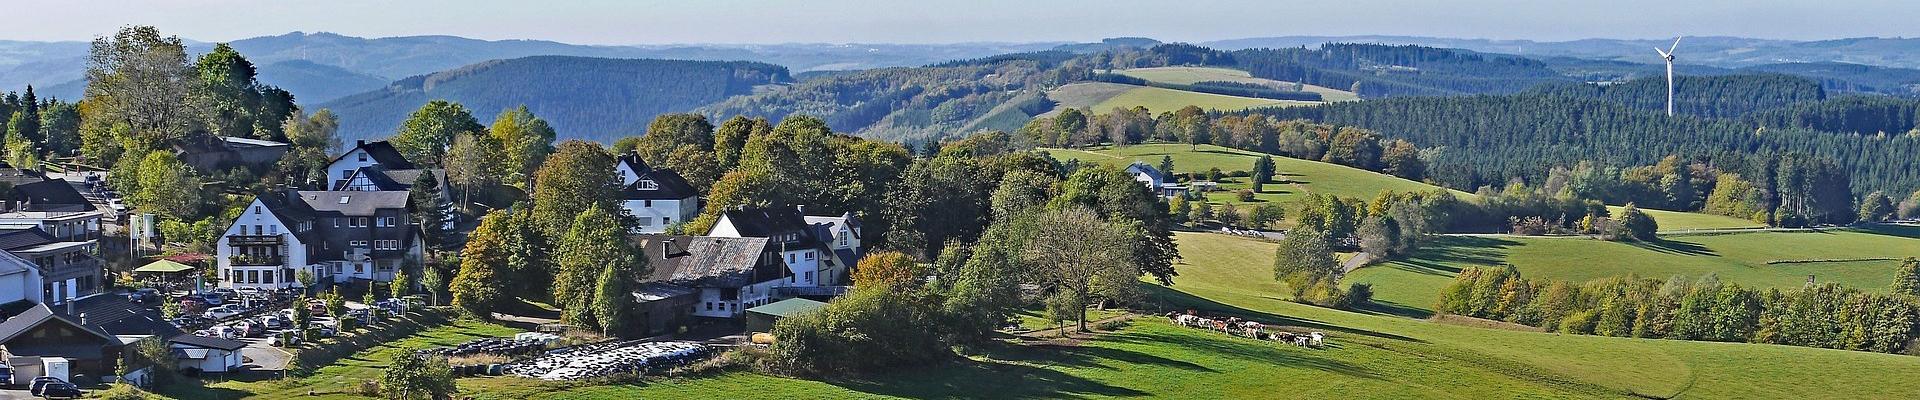 gemeinschaftlich Wohnen in Deutschland